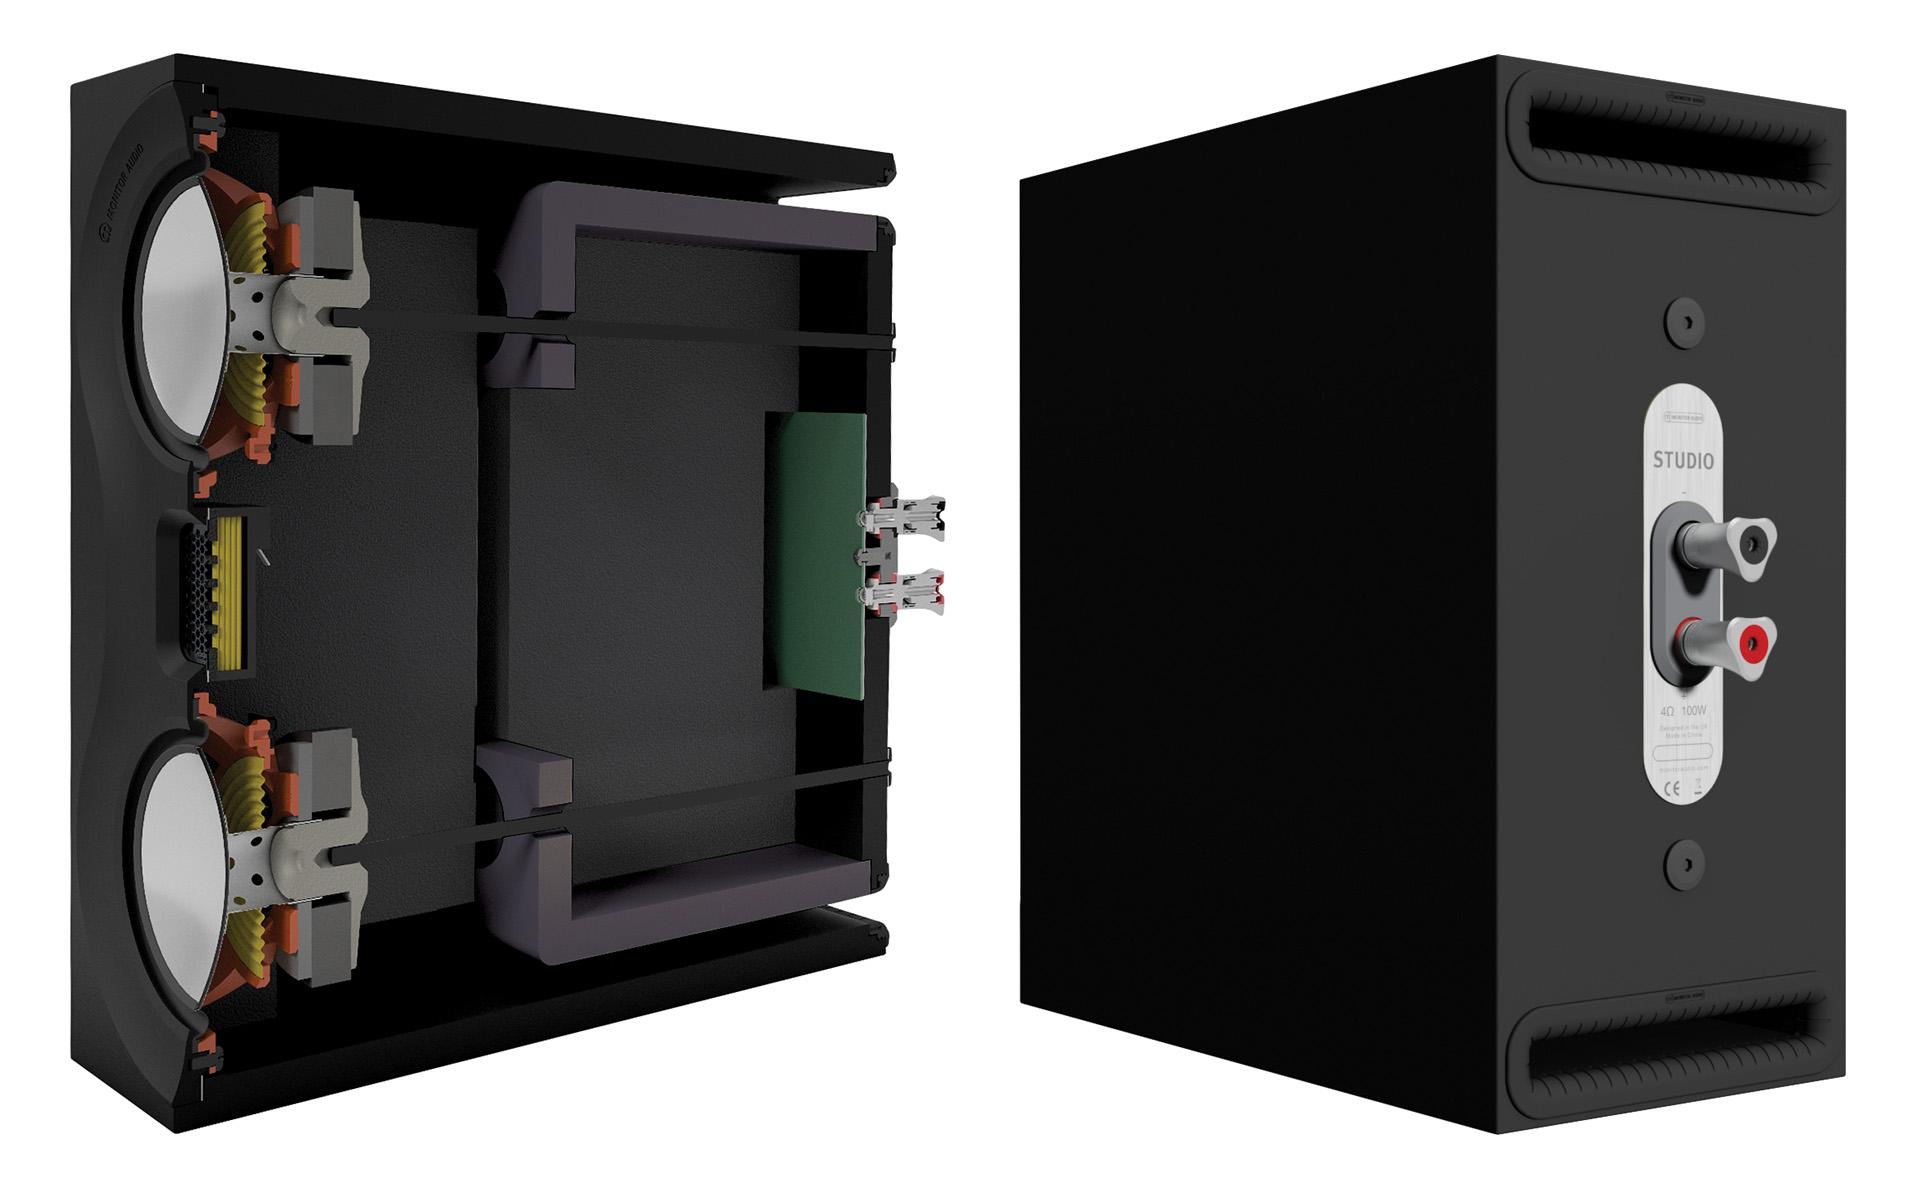 Компактный корпус оснащён парой массивных клемм с родиевым покрытием